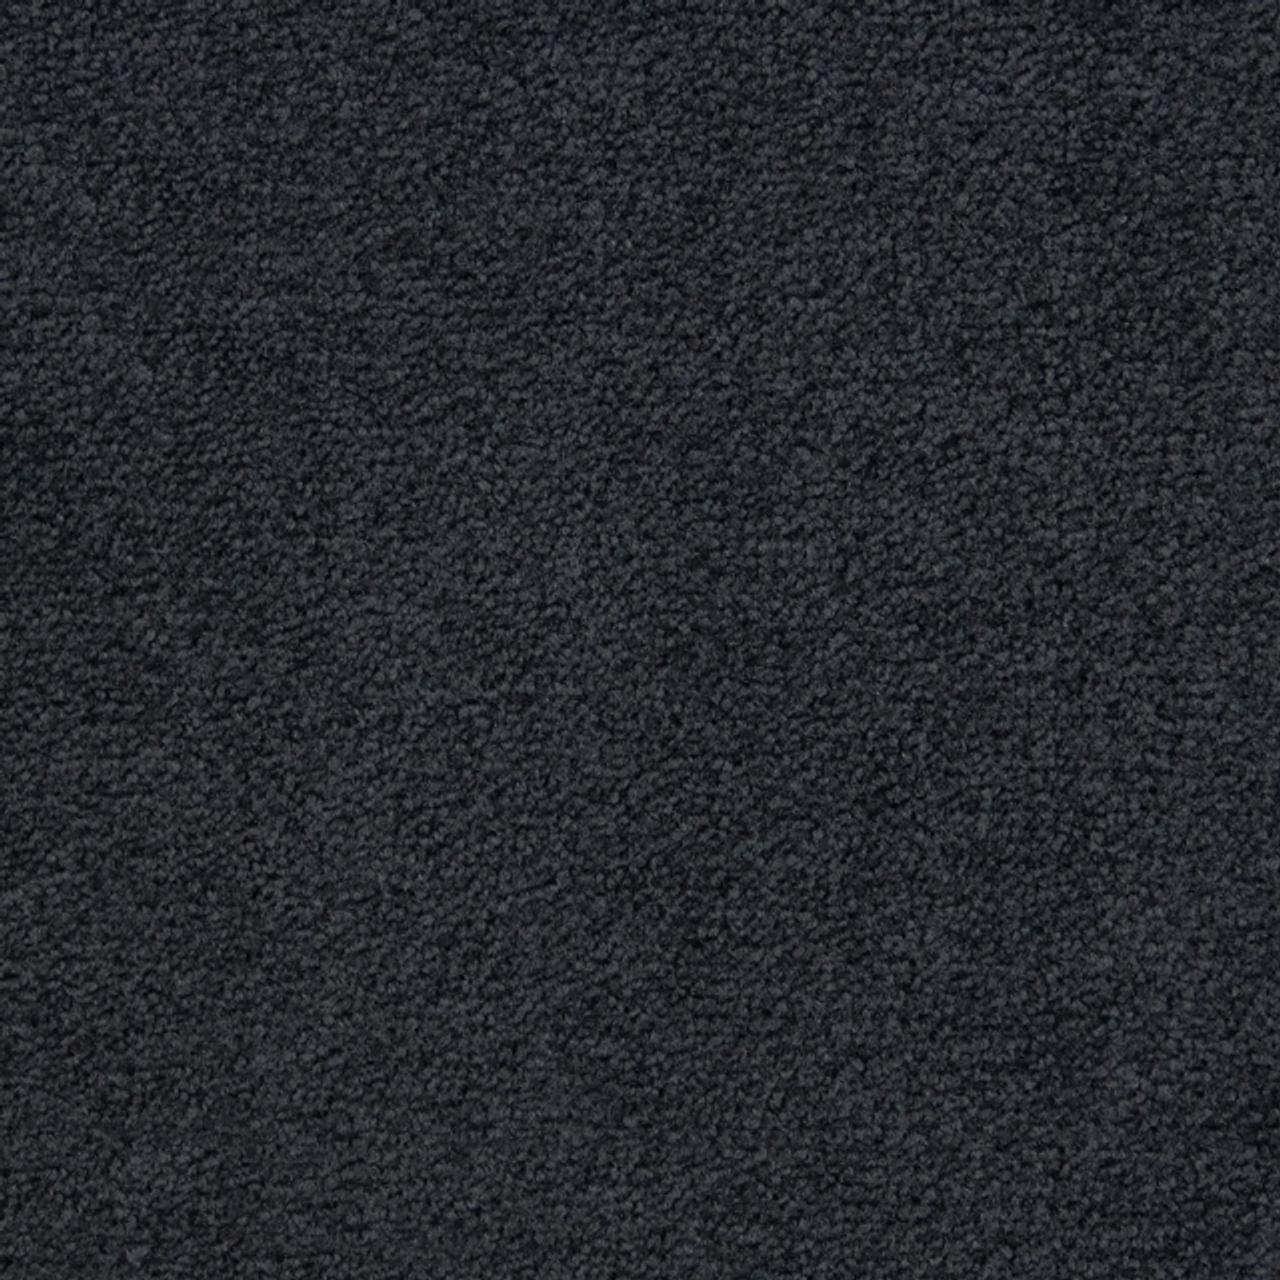 310 - Dark Blue